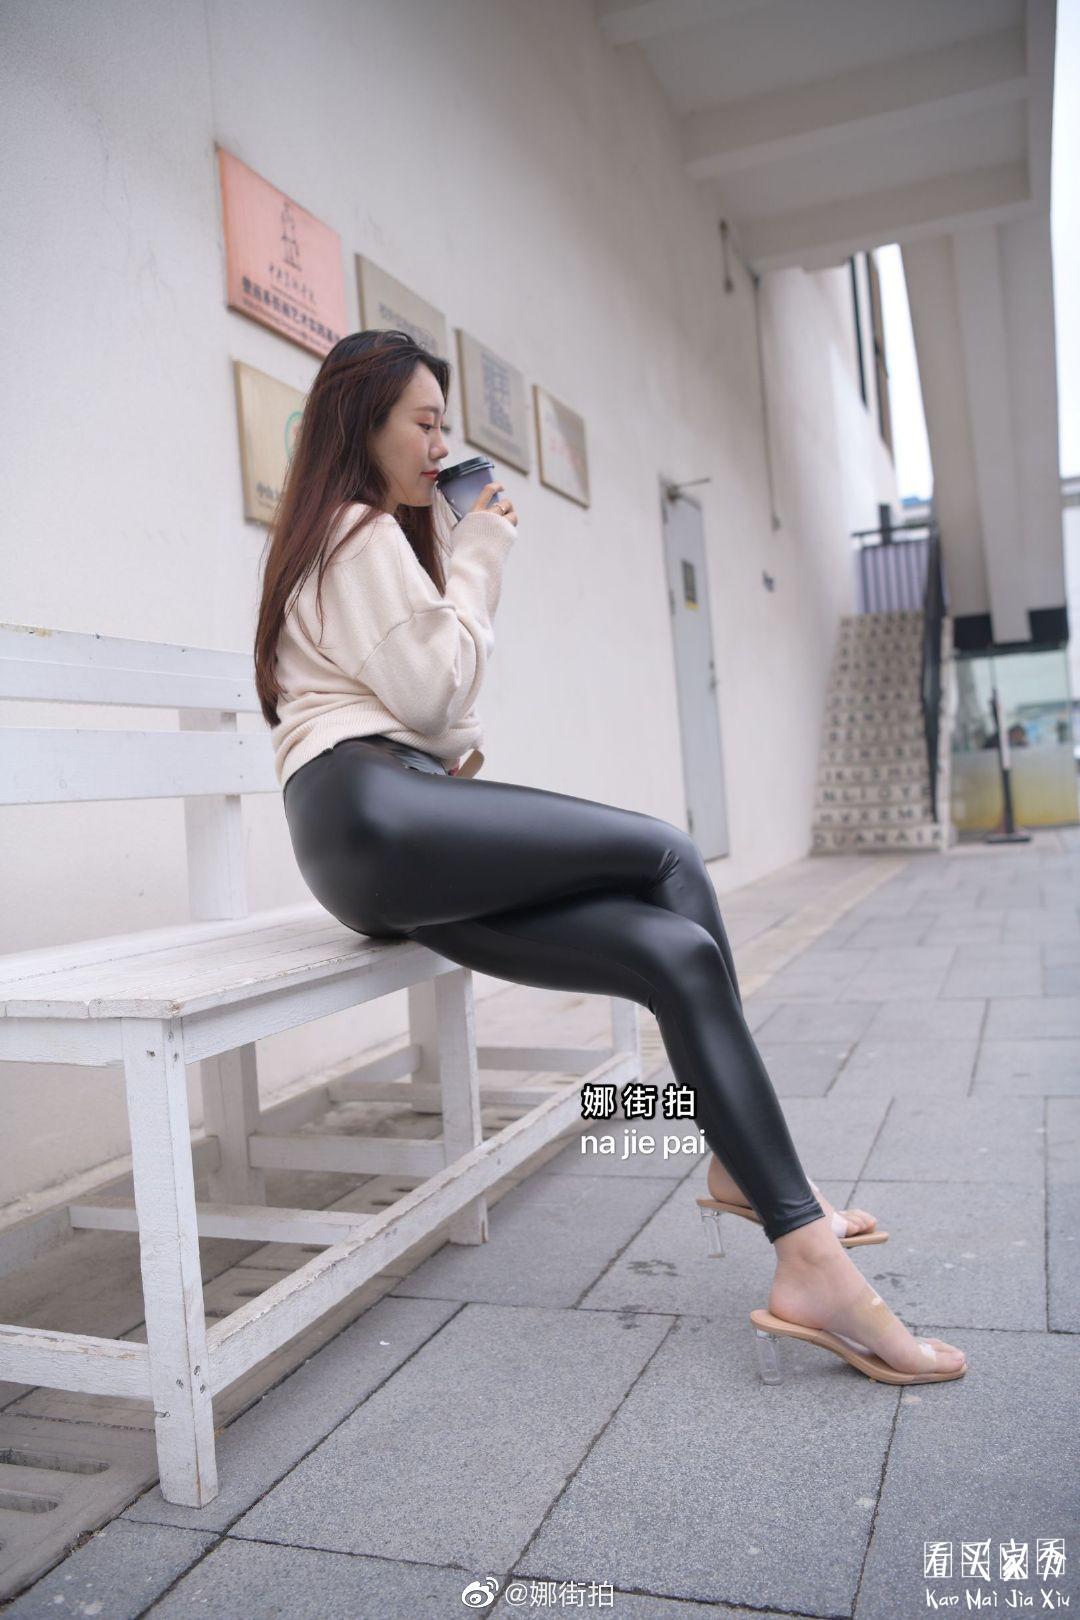 [街拍美女]街拍黑色哑光紧身裤美女2